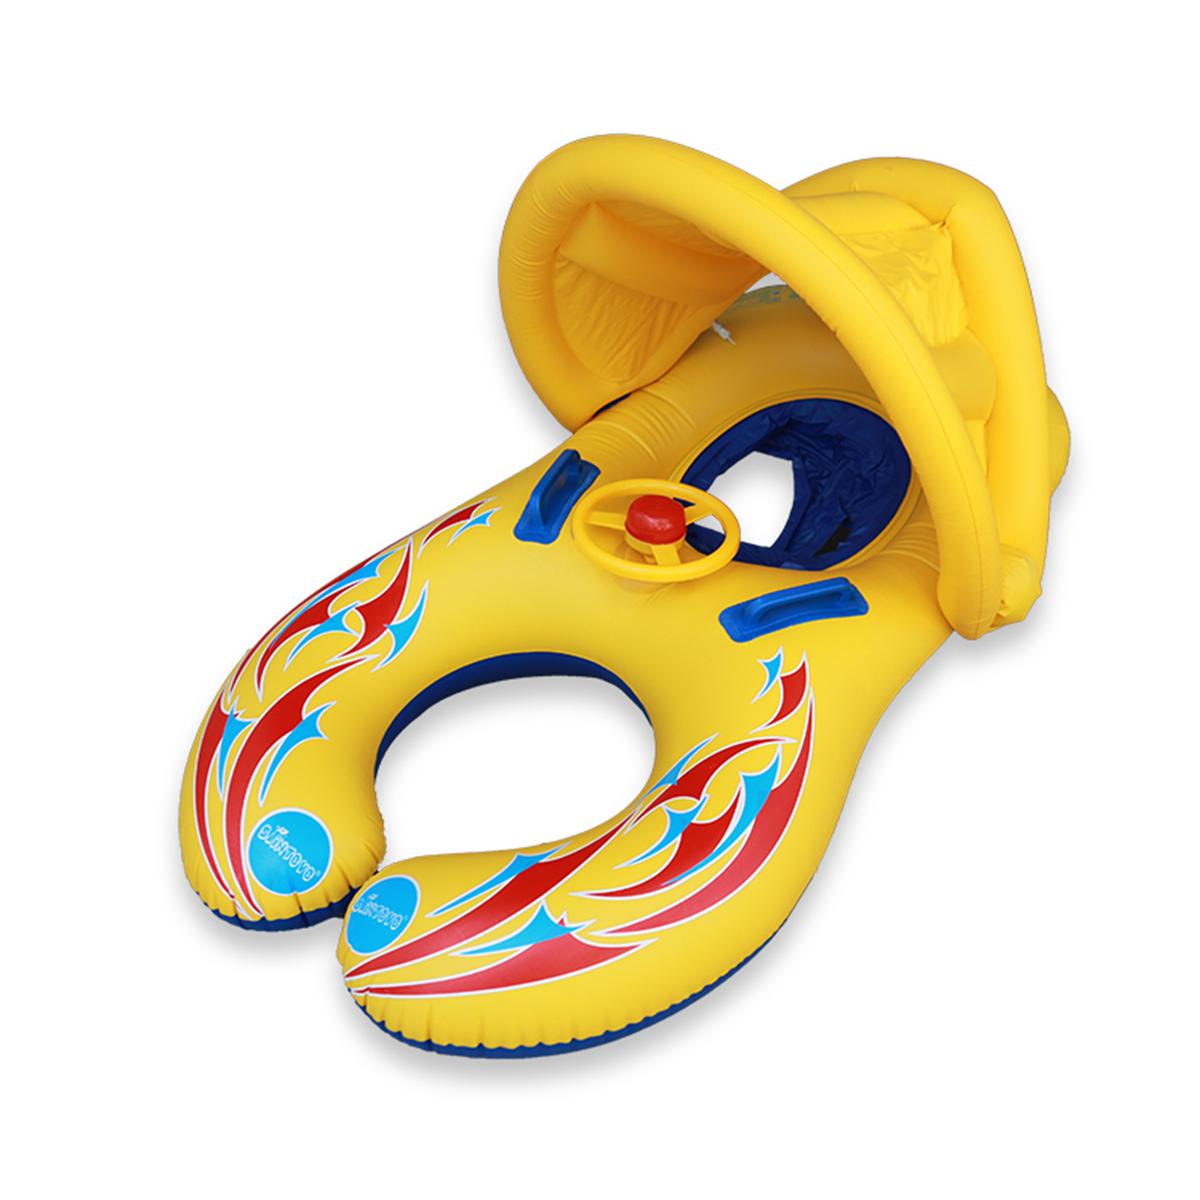 ™ДетскоеплаваниеБассейнВодяной поплавок Надувные детские защитные кольца Навес для сиденья